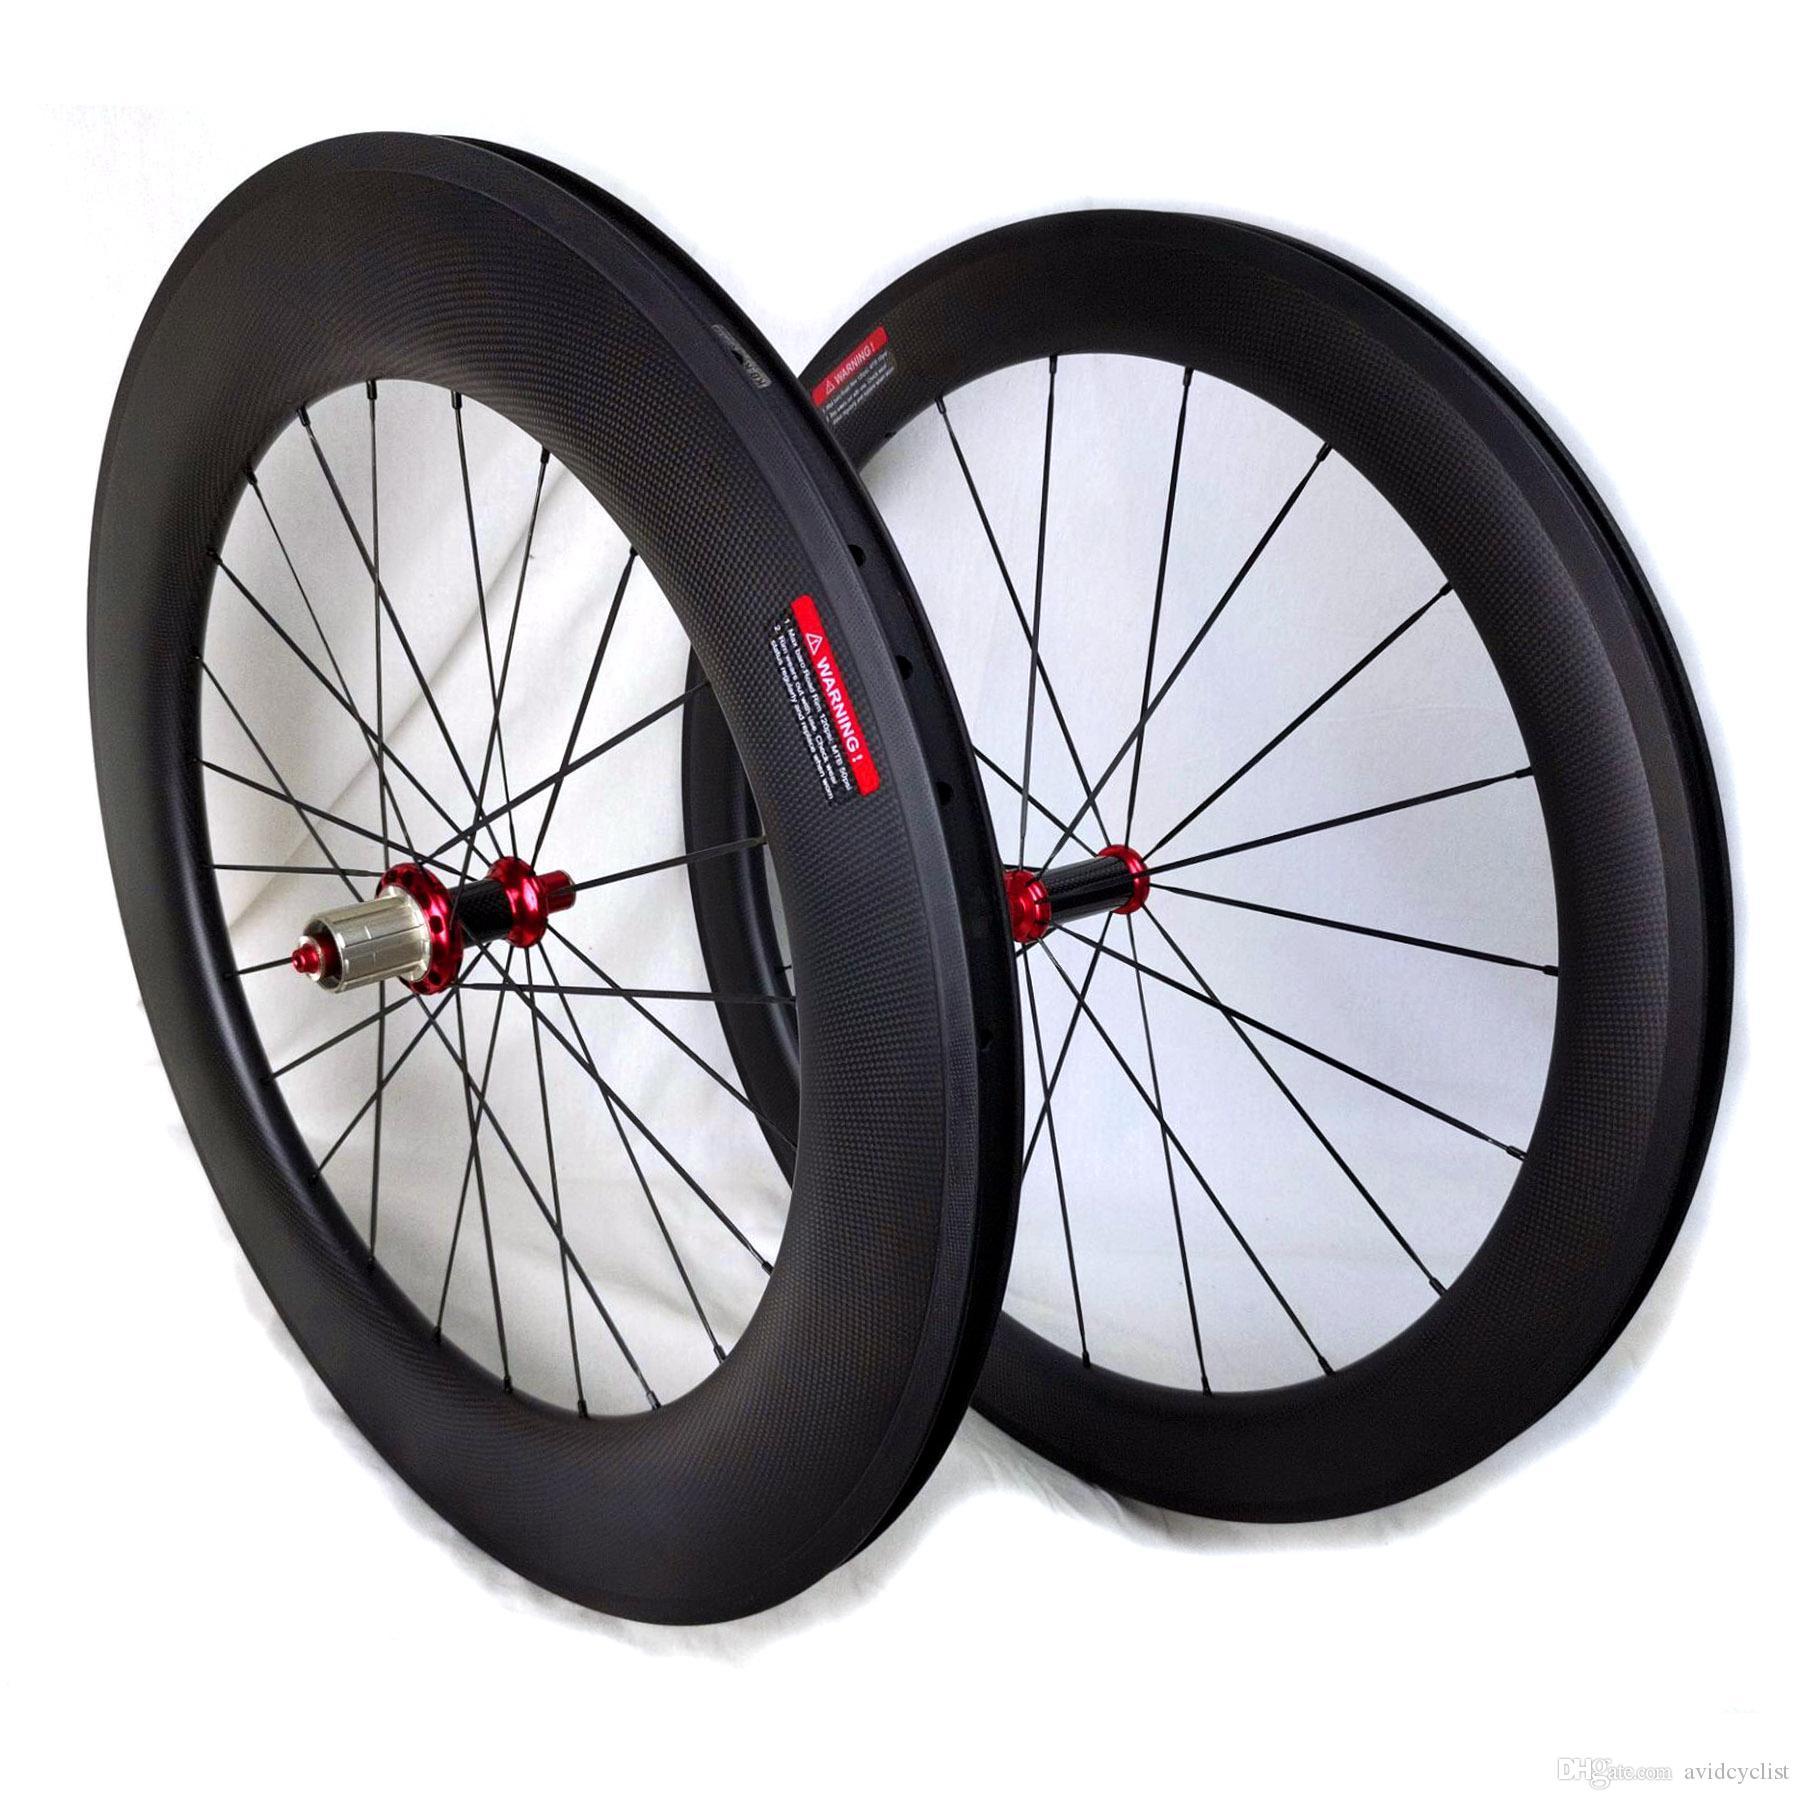 Углеродные волокна колеса велосипеда передних 60ммы сзади 90ммы довод трубчатых дорожный велосипед колесного базальтового тормоз поверхность Powerway R36 ступицы 3K матового